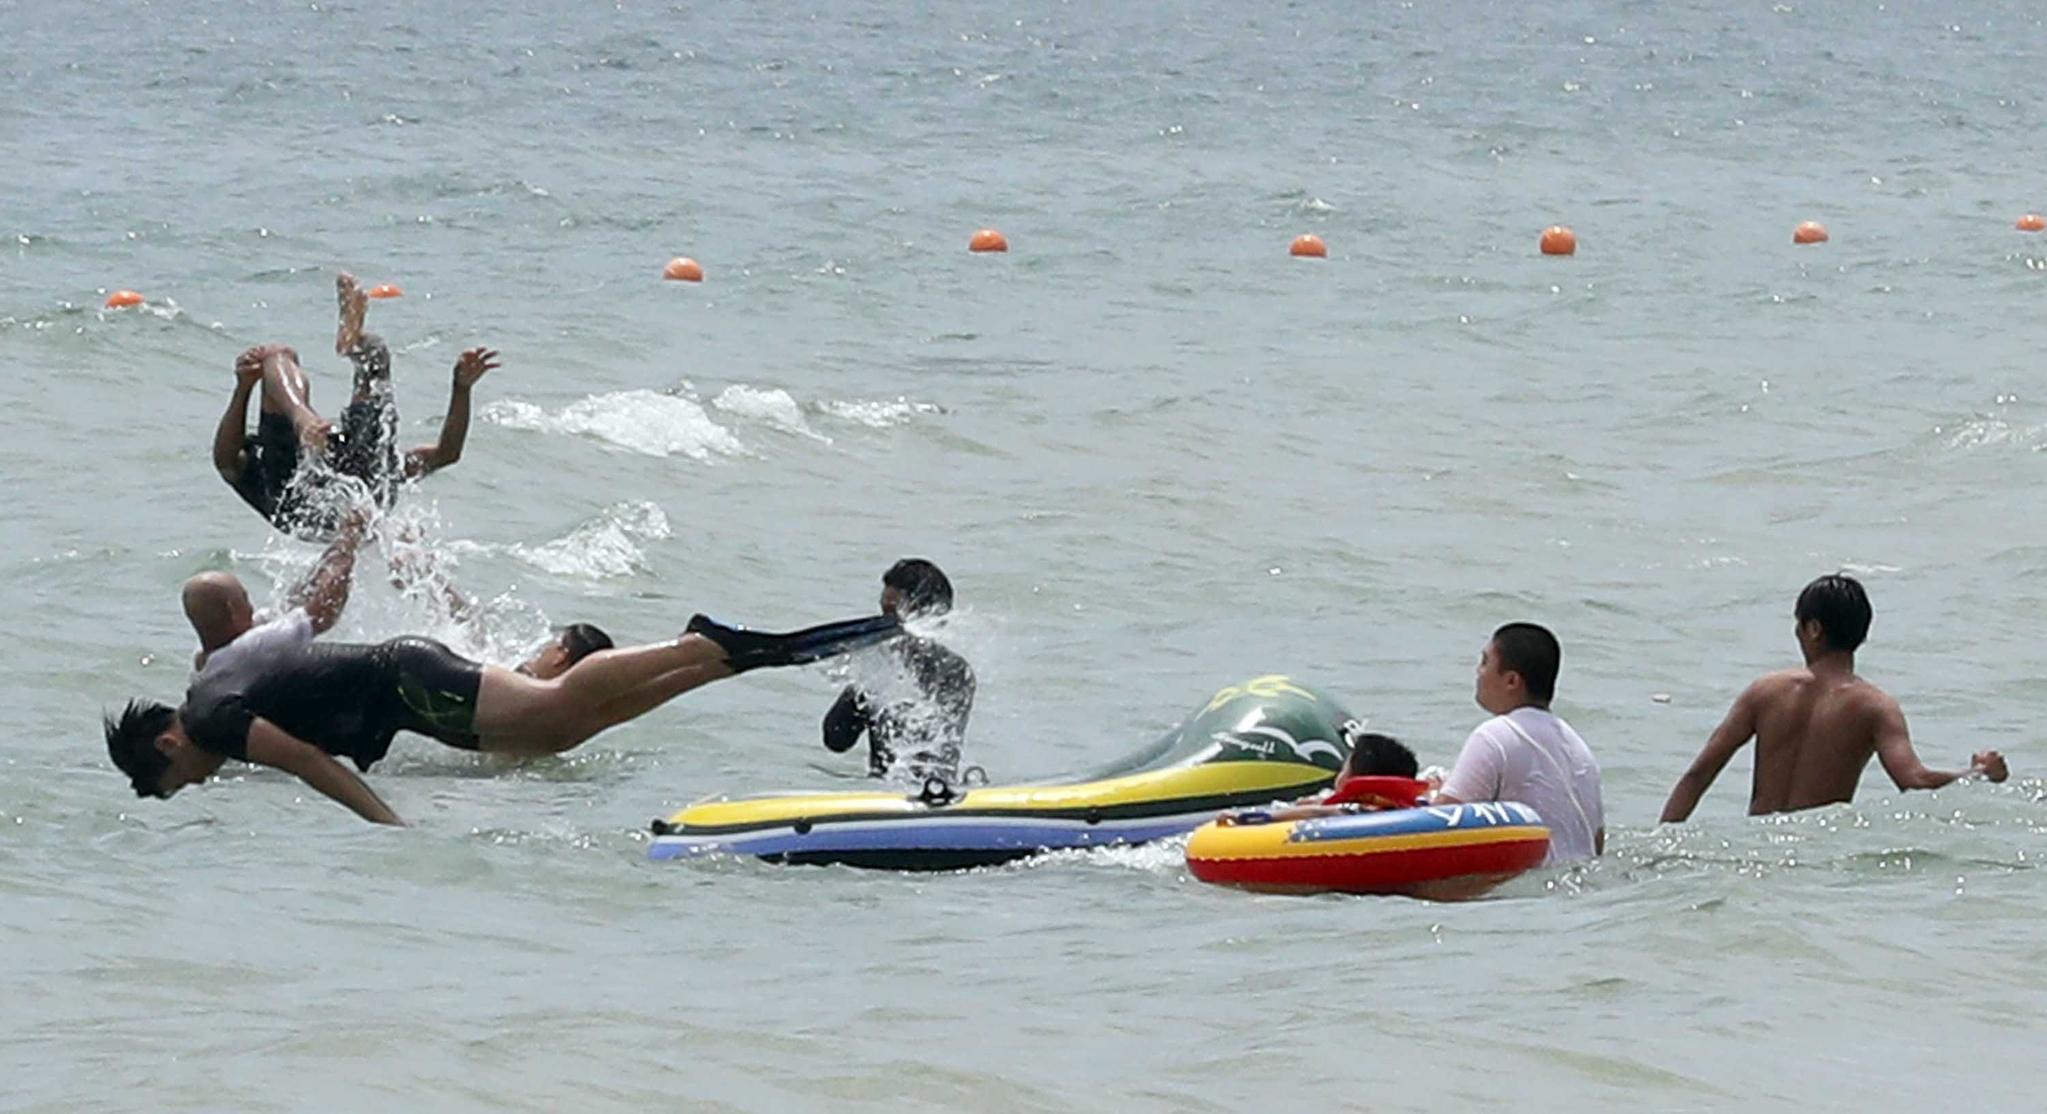 초여름 날씨를 보인 1일 부산 해운대해수욕장을 찾은 시민들이 물놀이를 즐기고 있다. [연합뉴스]